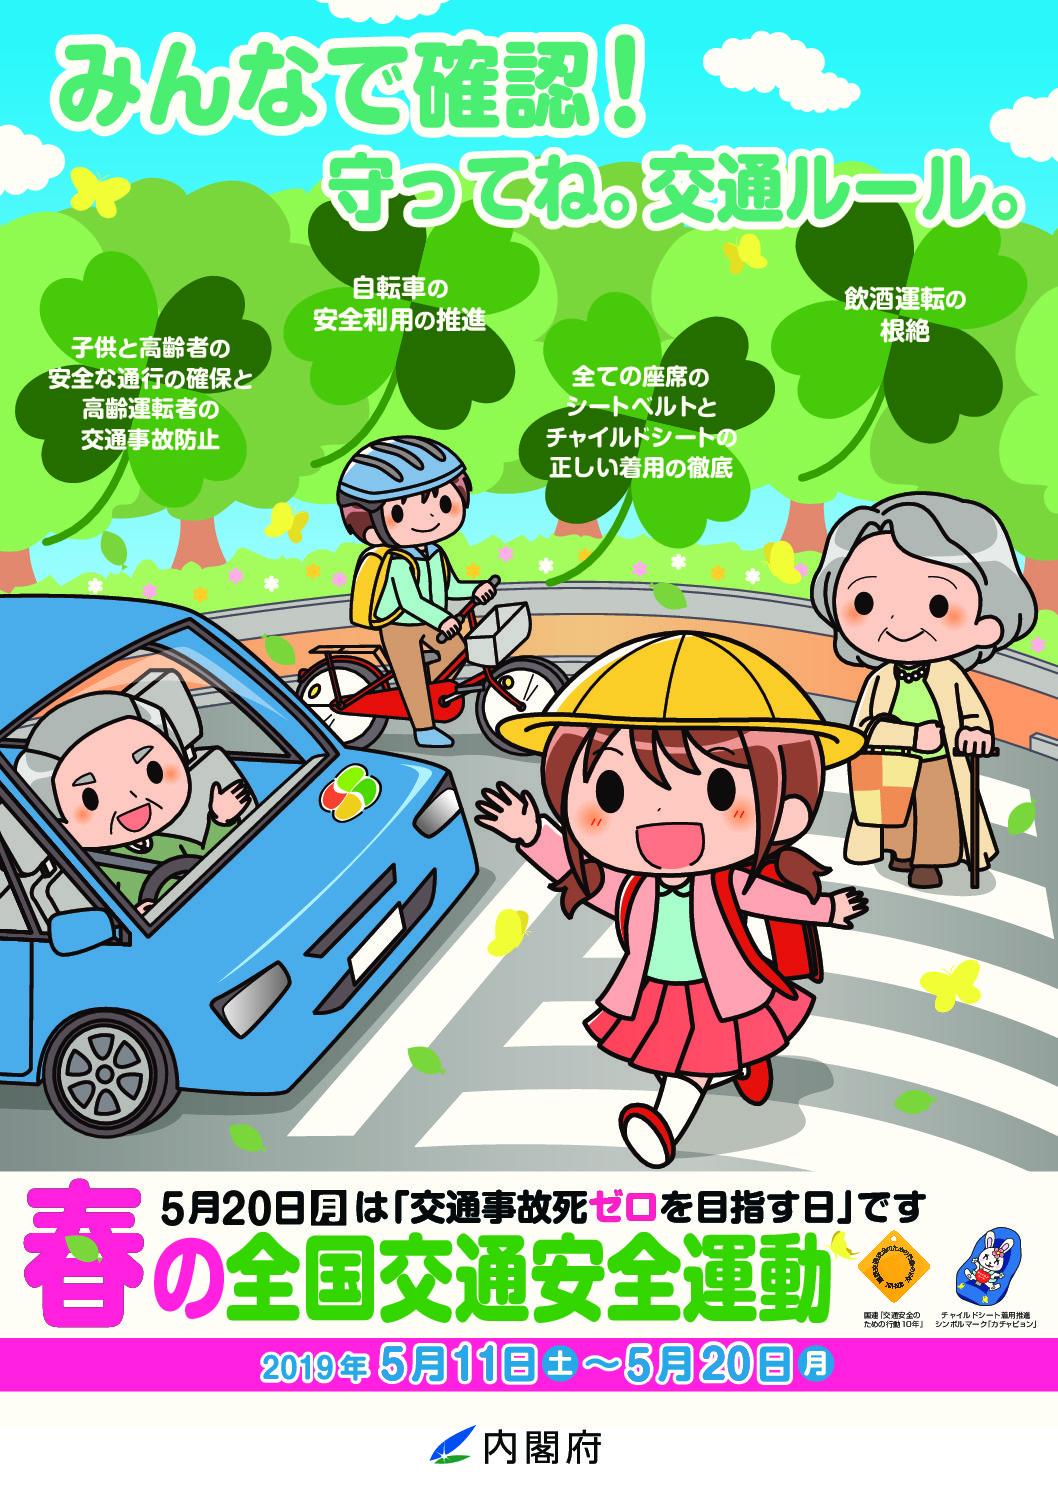 『春の交通安全運動〜交通事故に遭わないために〜』